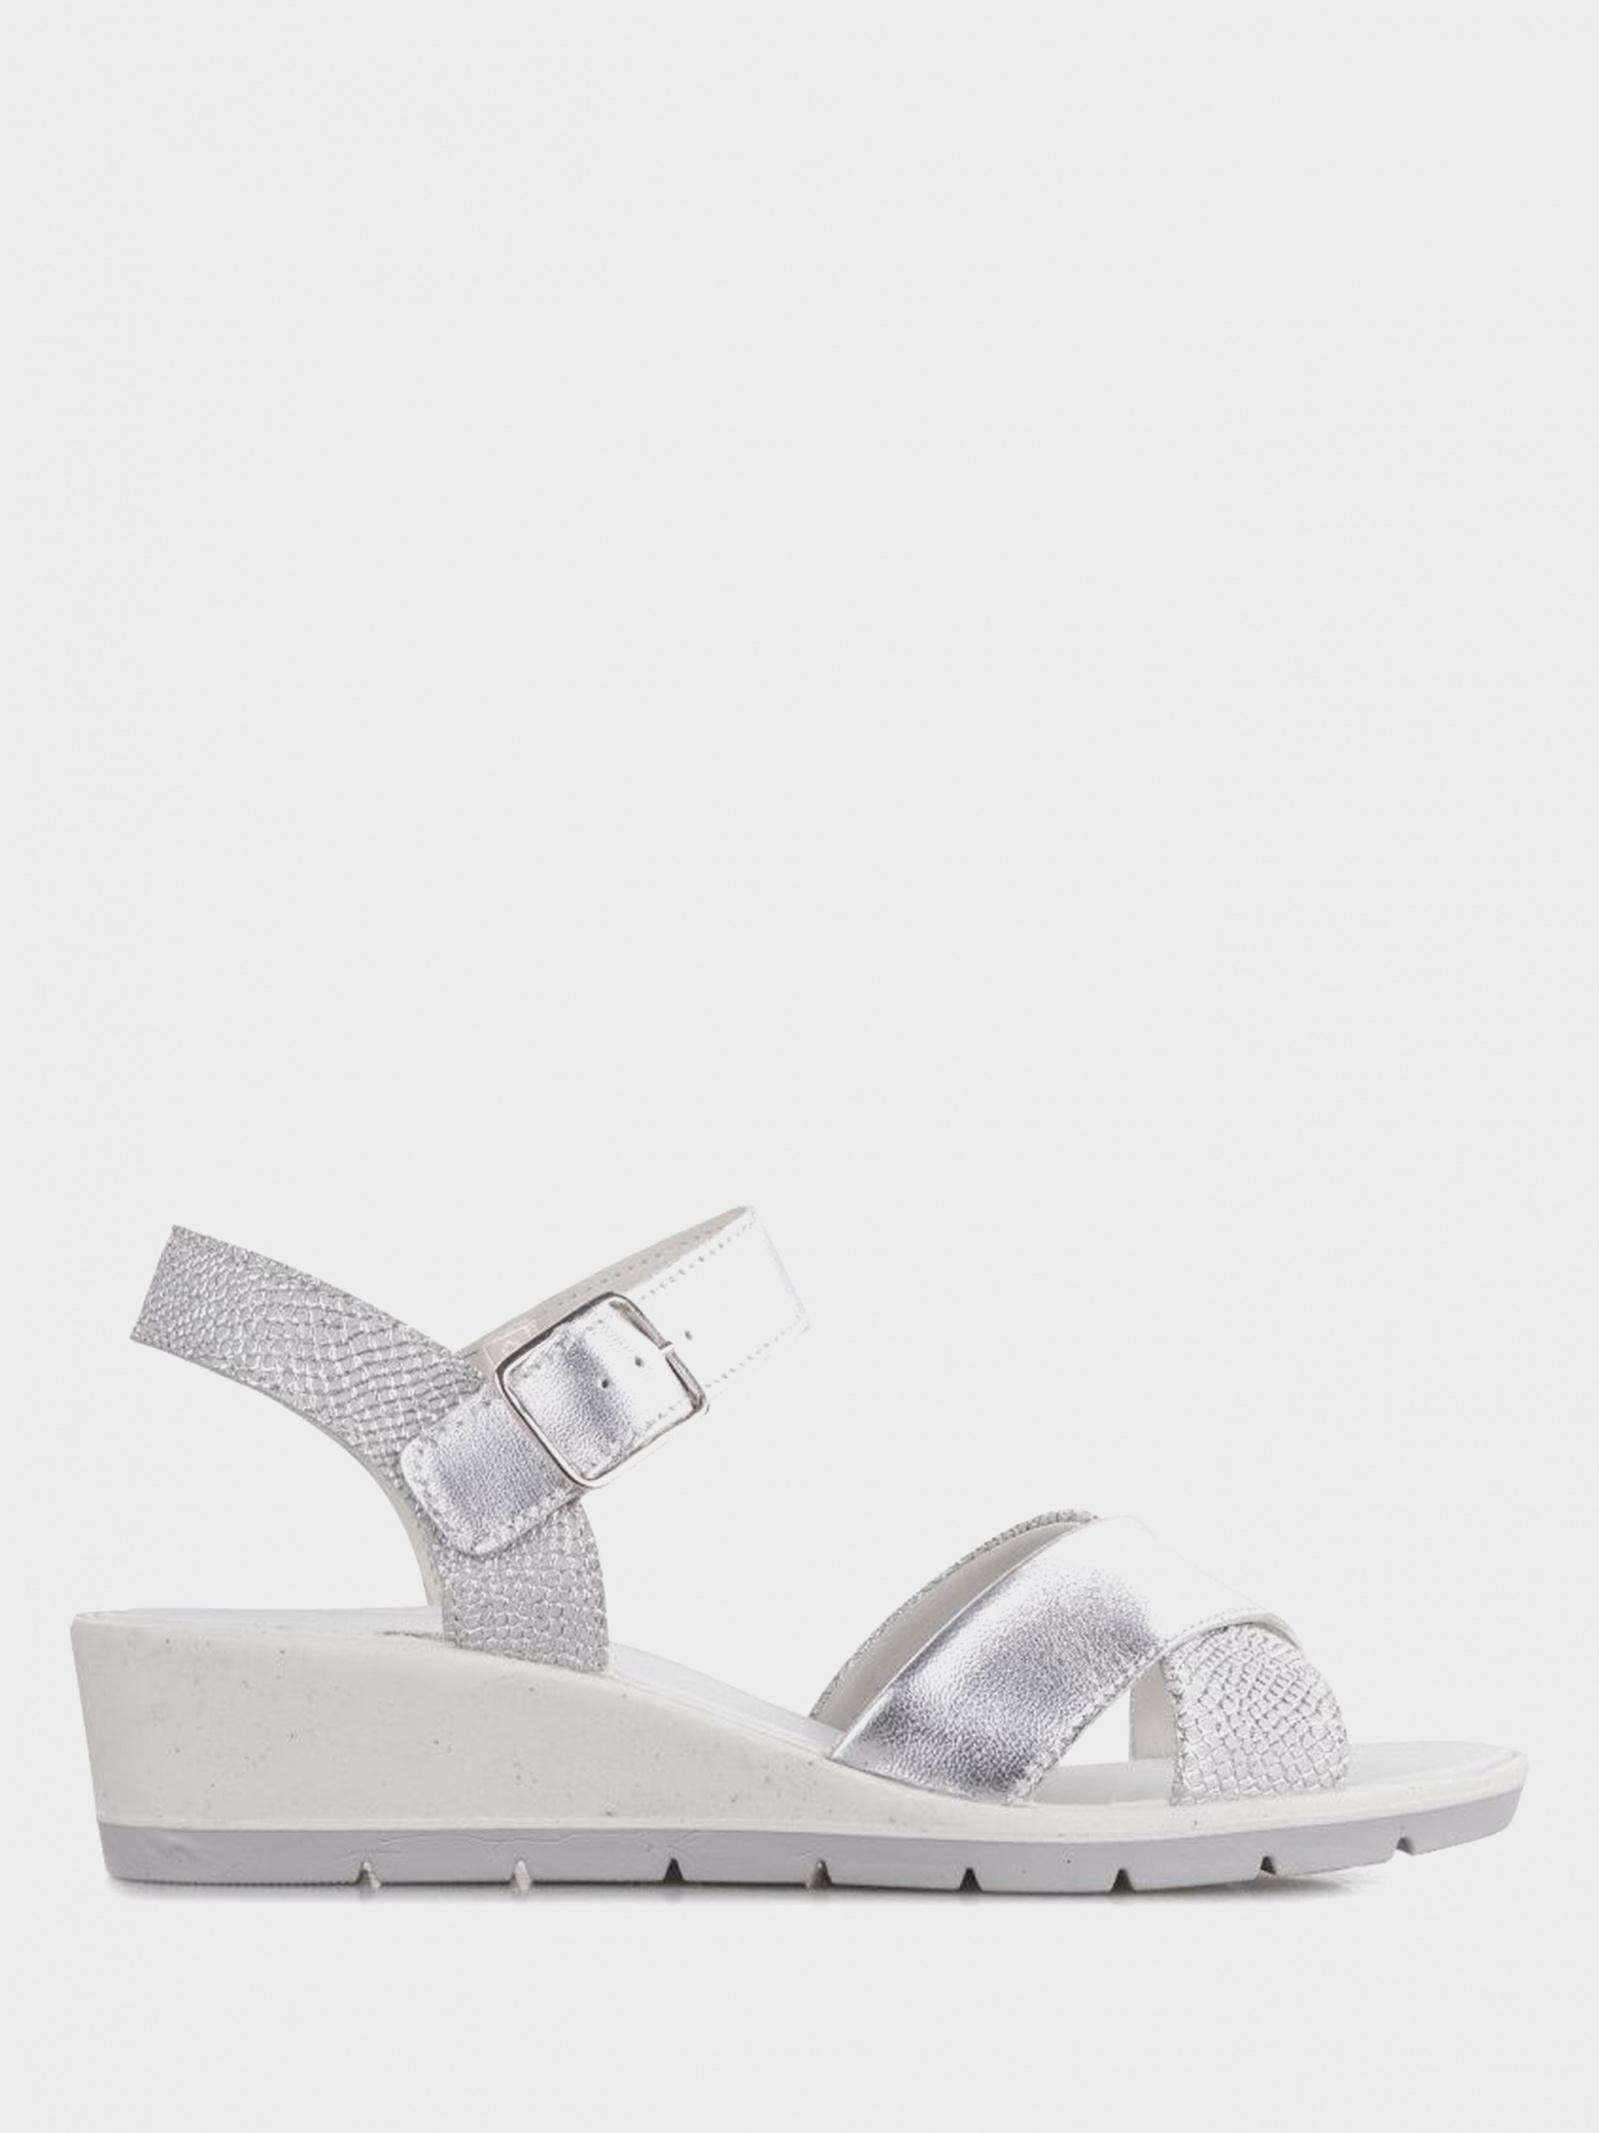 Босоніжки  для жінок IMAC 3075701 51161/018 3075701 51161/018 брендове взуття, 2017